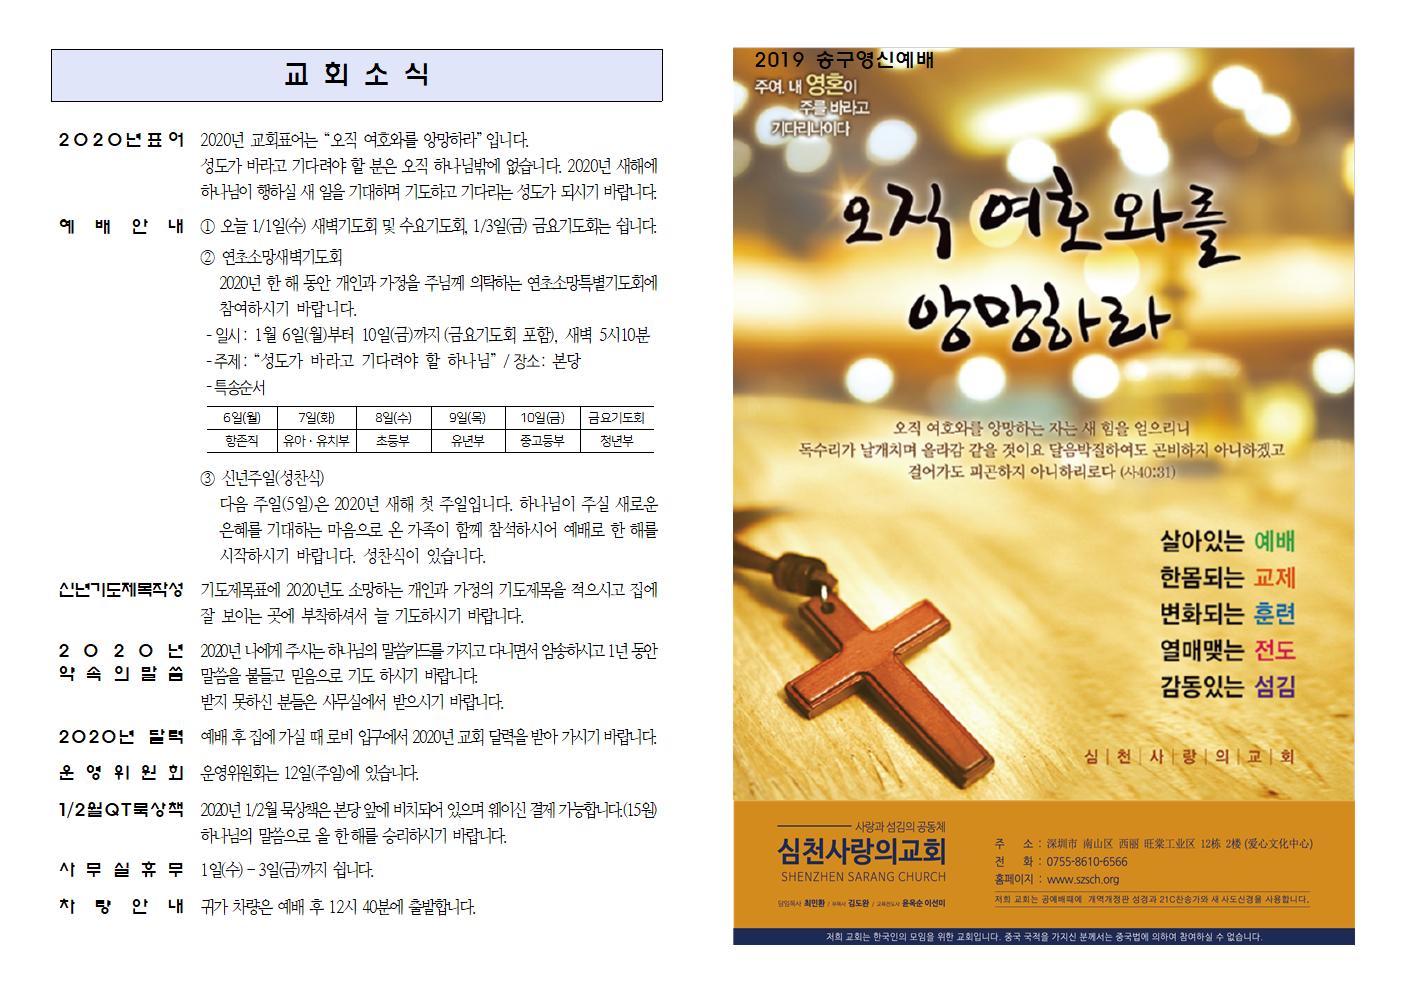 2019-12-31 송구영신예배 주보002.png